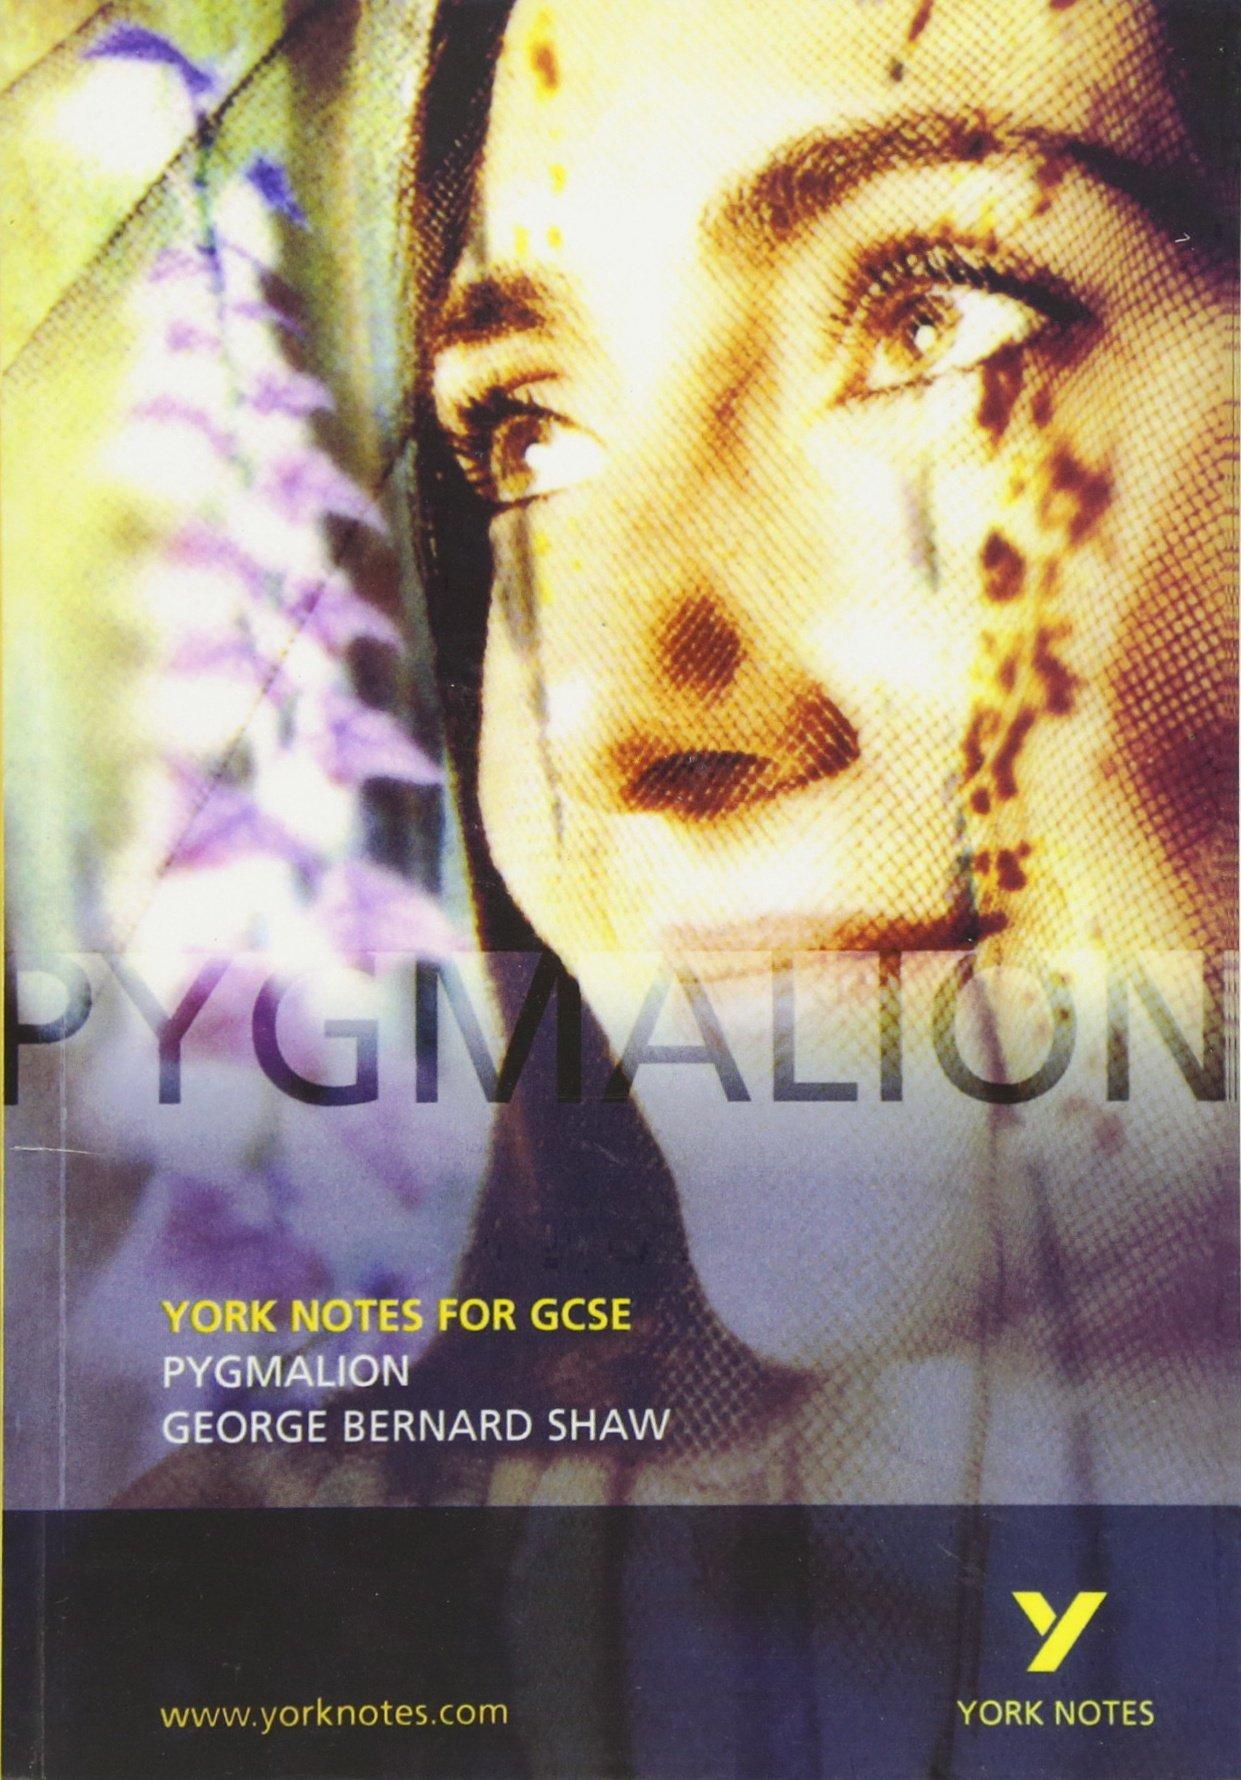 Pygmalion: York Notes for GCSE